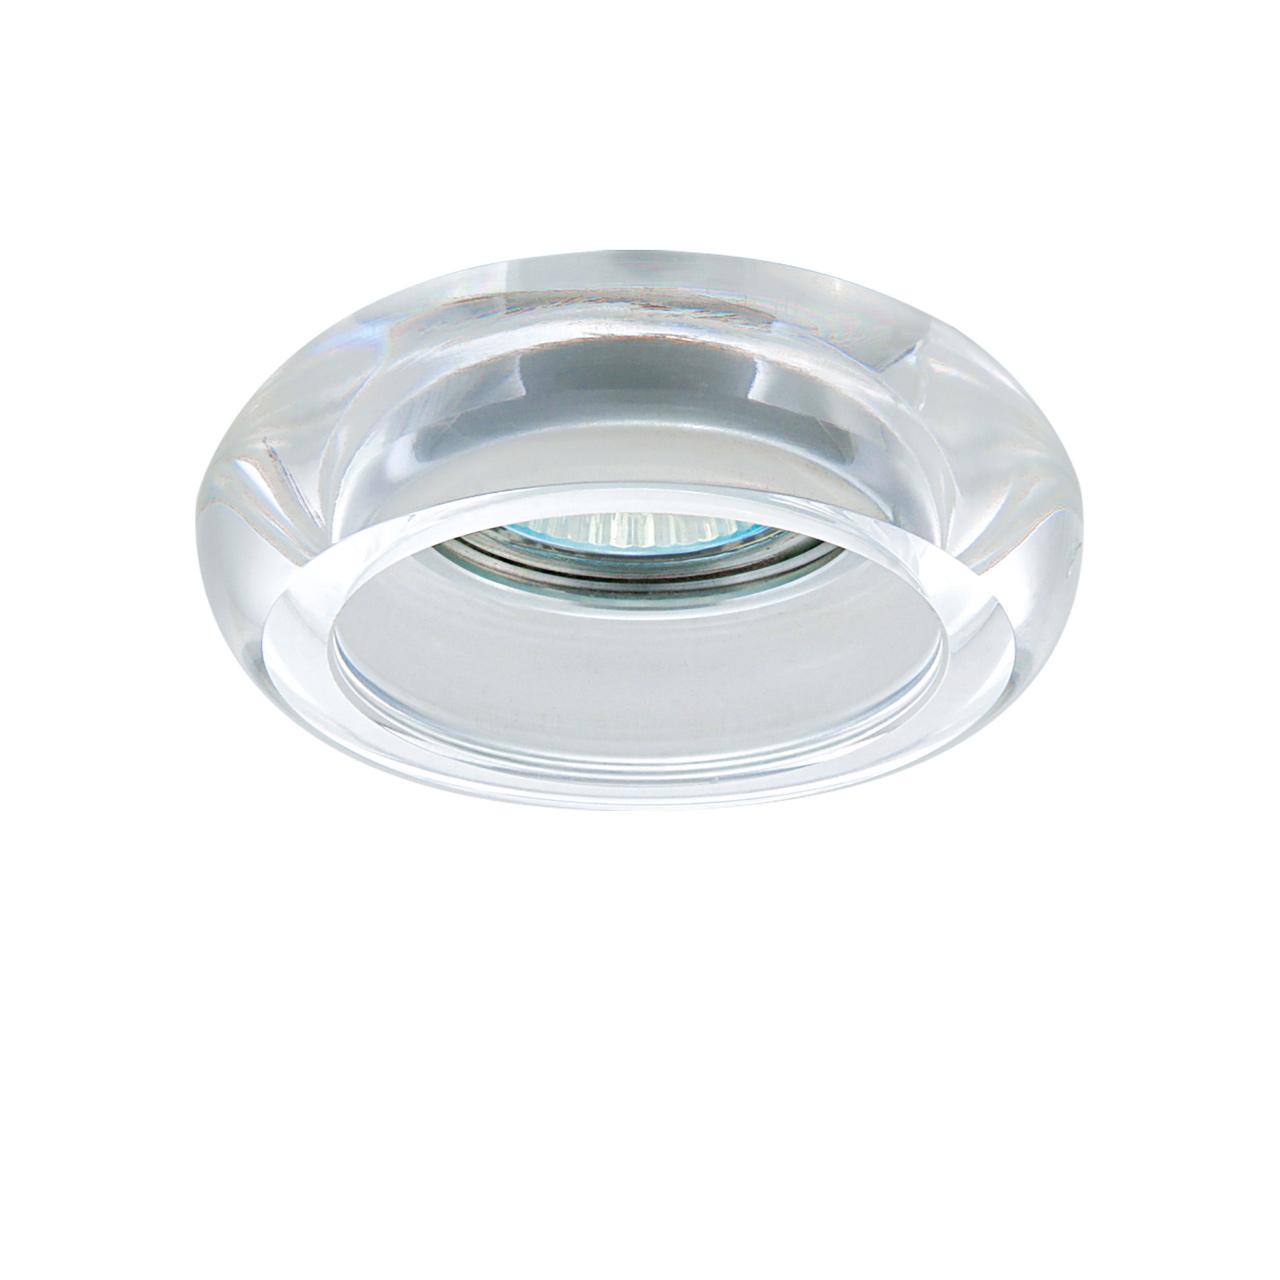 Светильник Tondo CR MR16 / HP16 хром / прозрачный Lightstar 006200